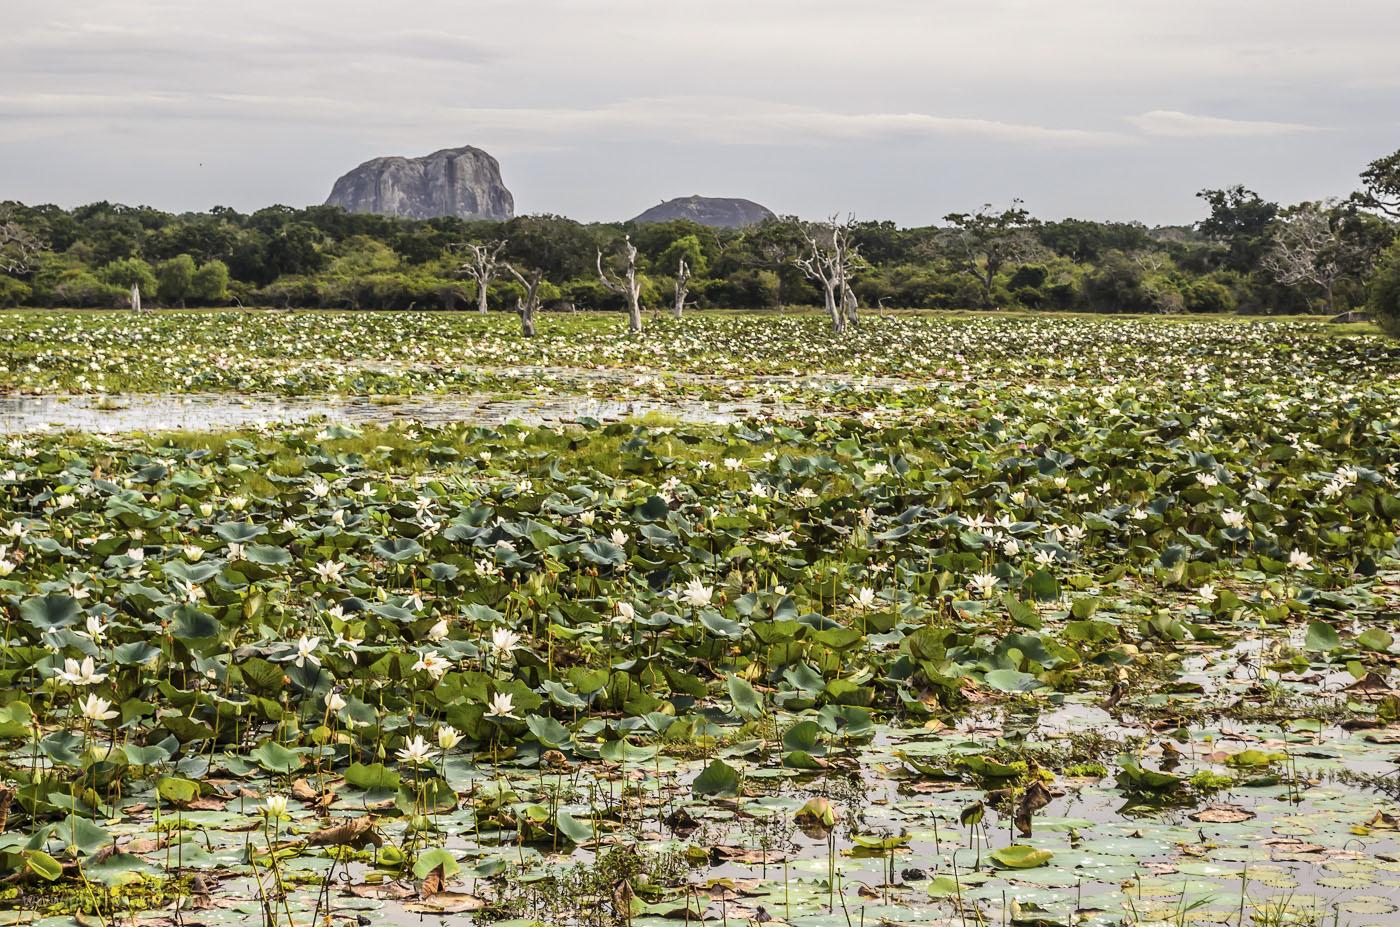 26. Фото. Лотосы в болоте национального парка Яла. На заднем плане - Слоновья гора (Elephant Rock). Поедете на сафари в Yala National Park, обязательно на этом озере снимите панораму. Снимок в таком формате не передает всей красоты. (320, 55, 8.0, 1/160)